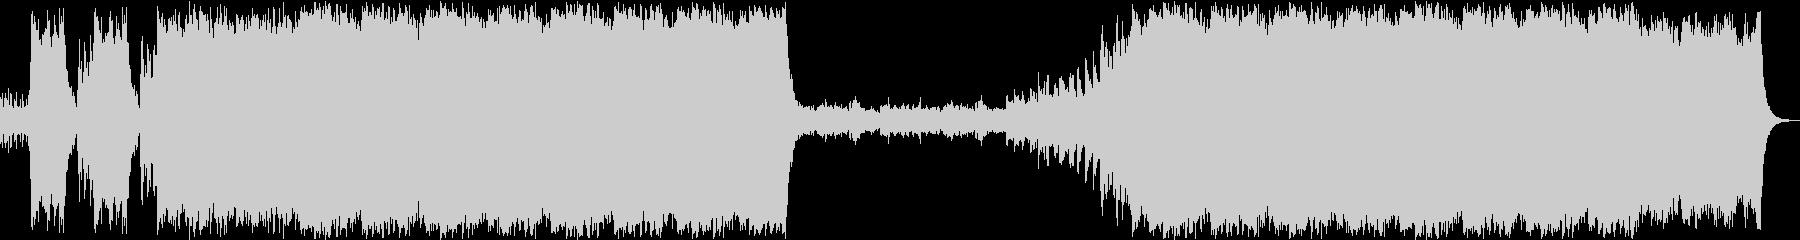 激しめのオーケストラ小品の未再生の波形